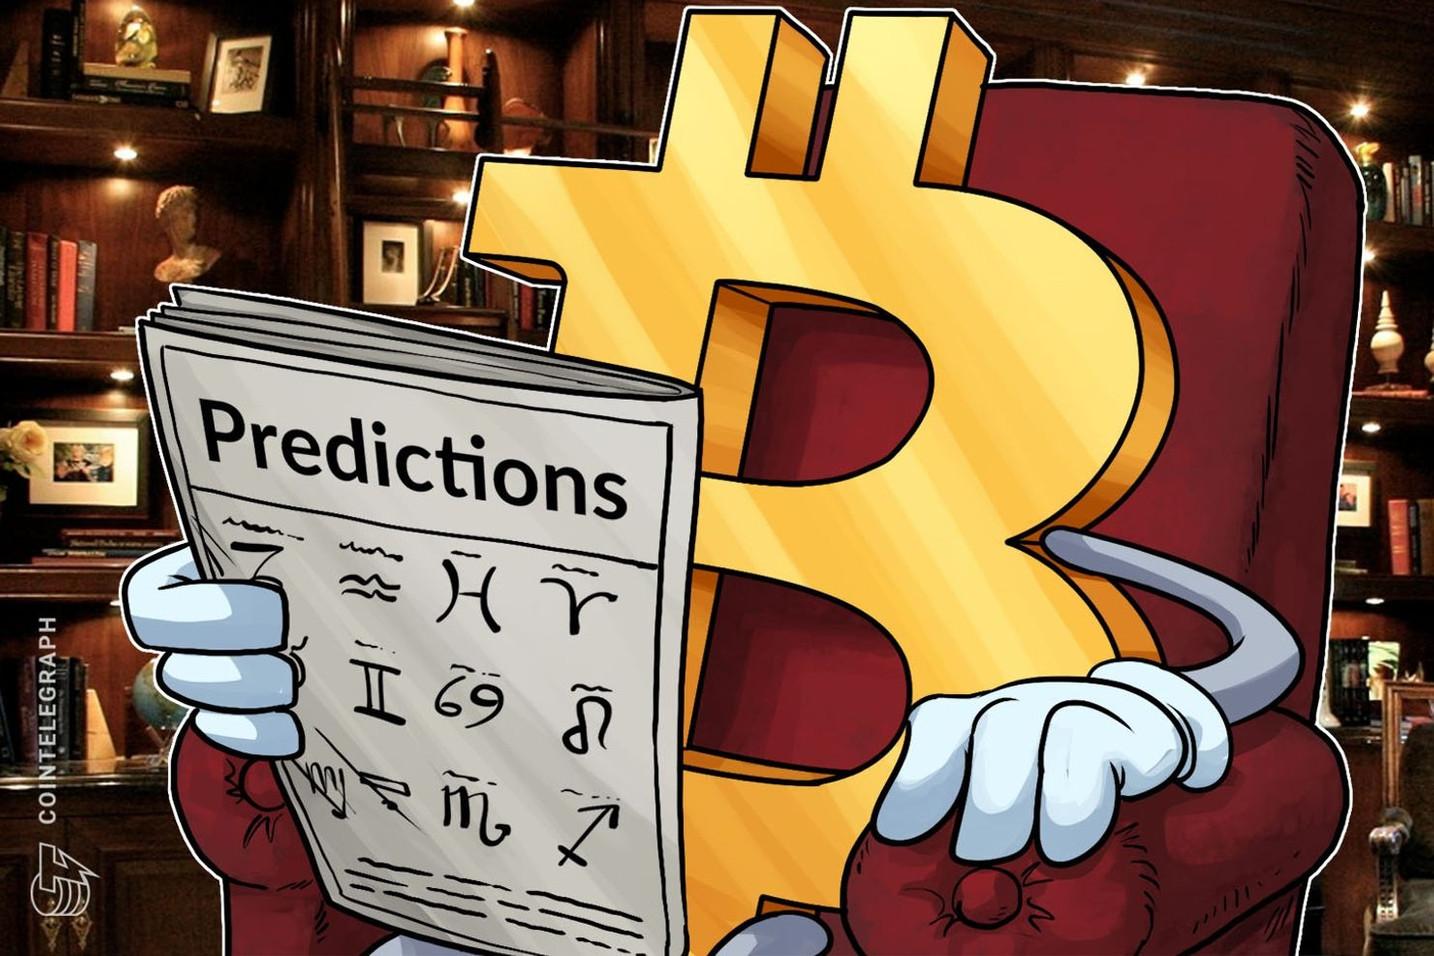 「仮想通貨ビットコインが11000ドルを下回らない確率は90%」過去2年間の年末価格を的中したアナリストが予想